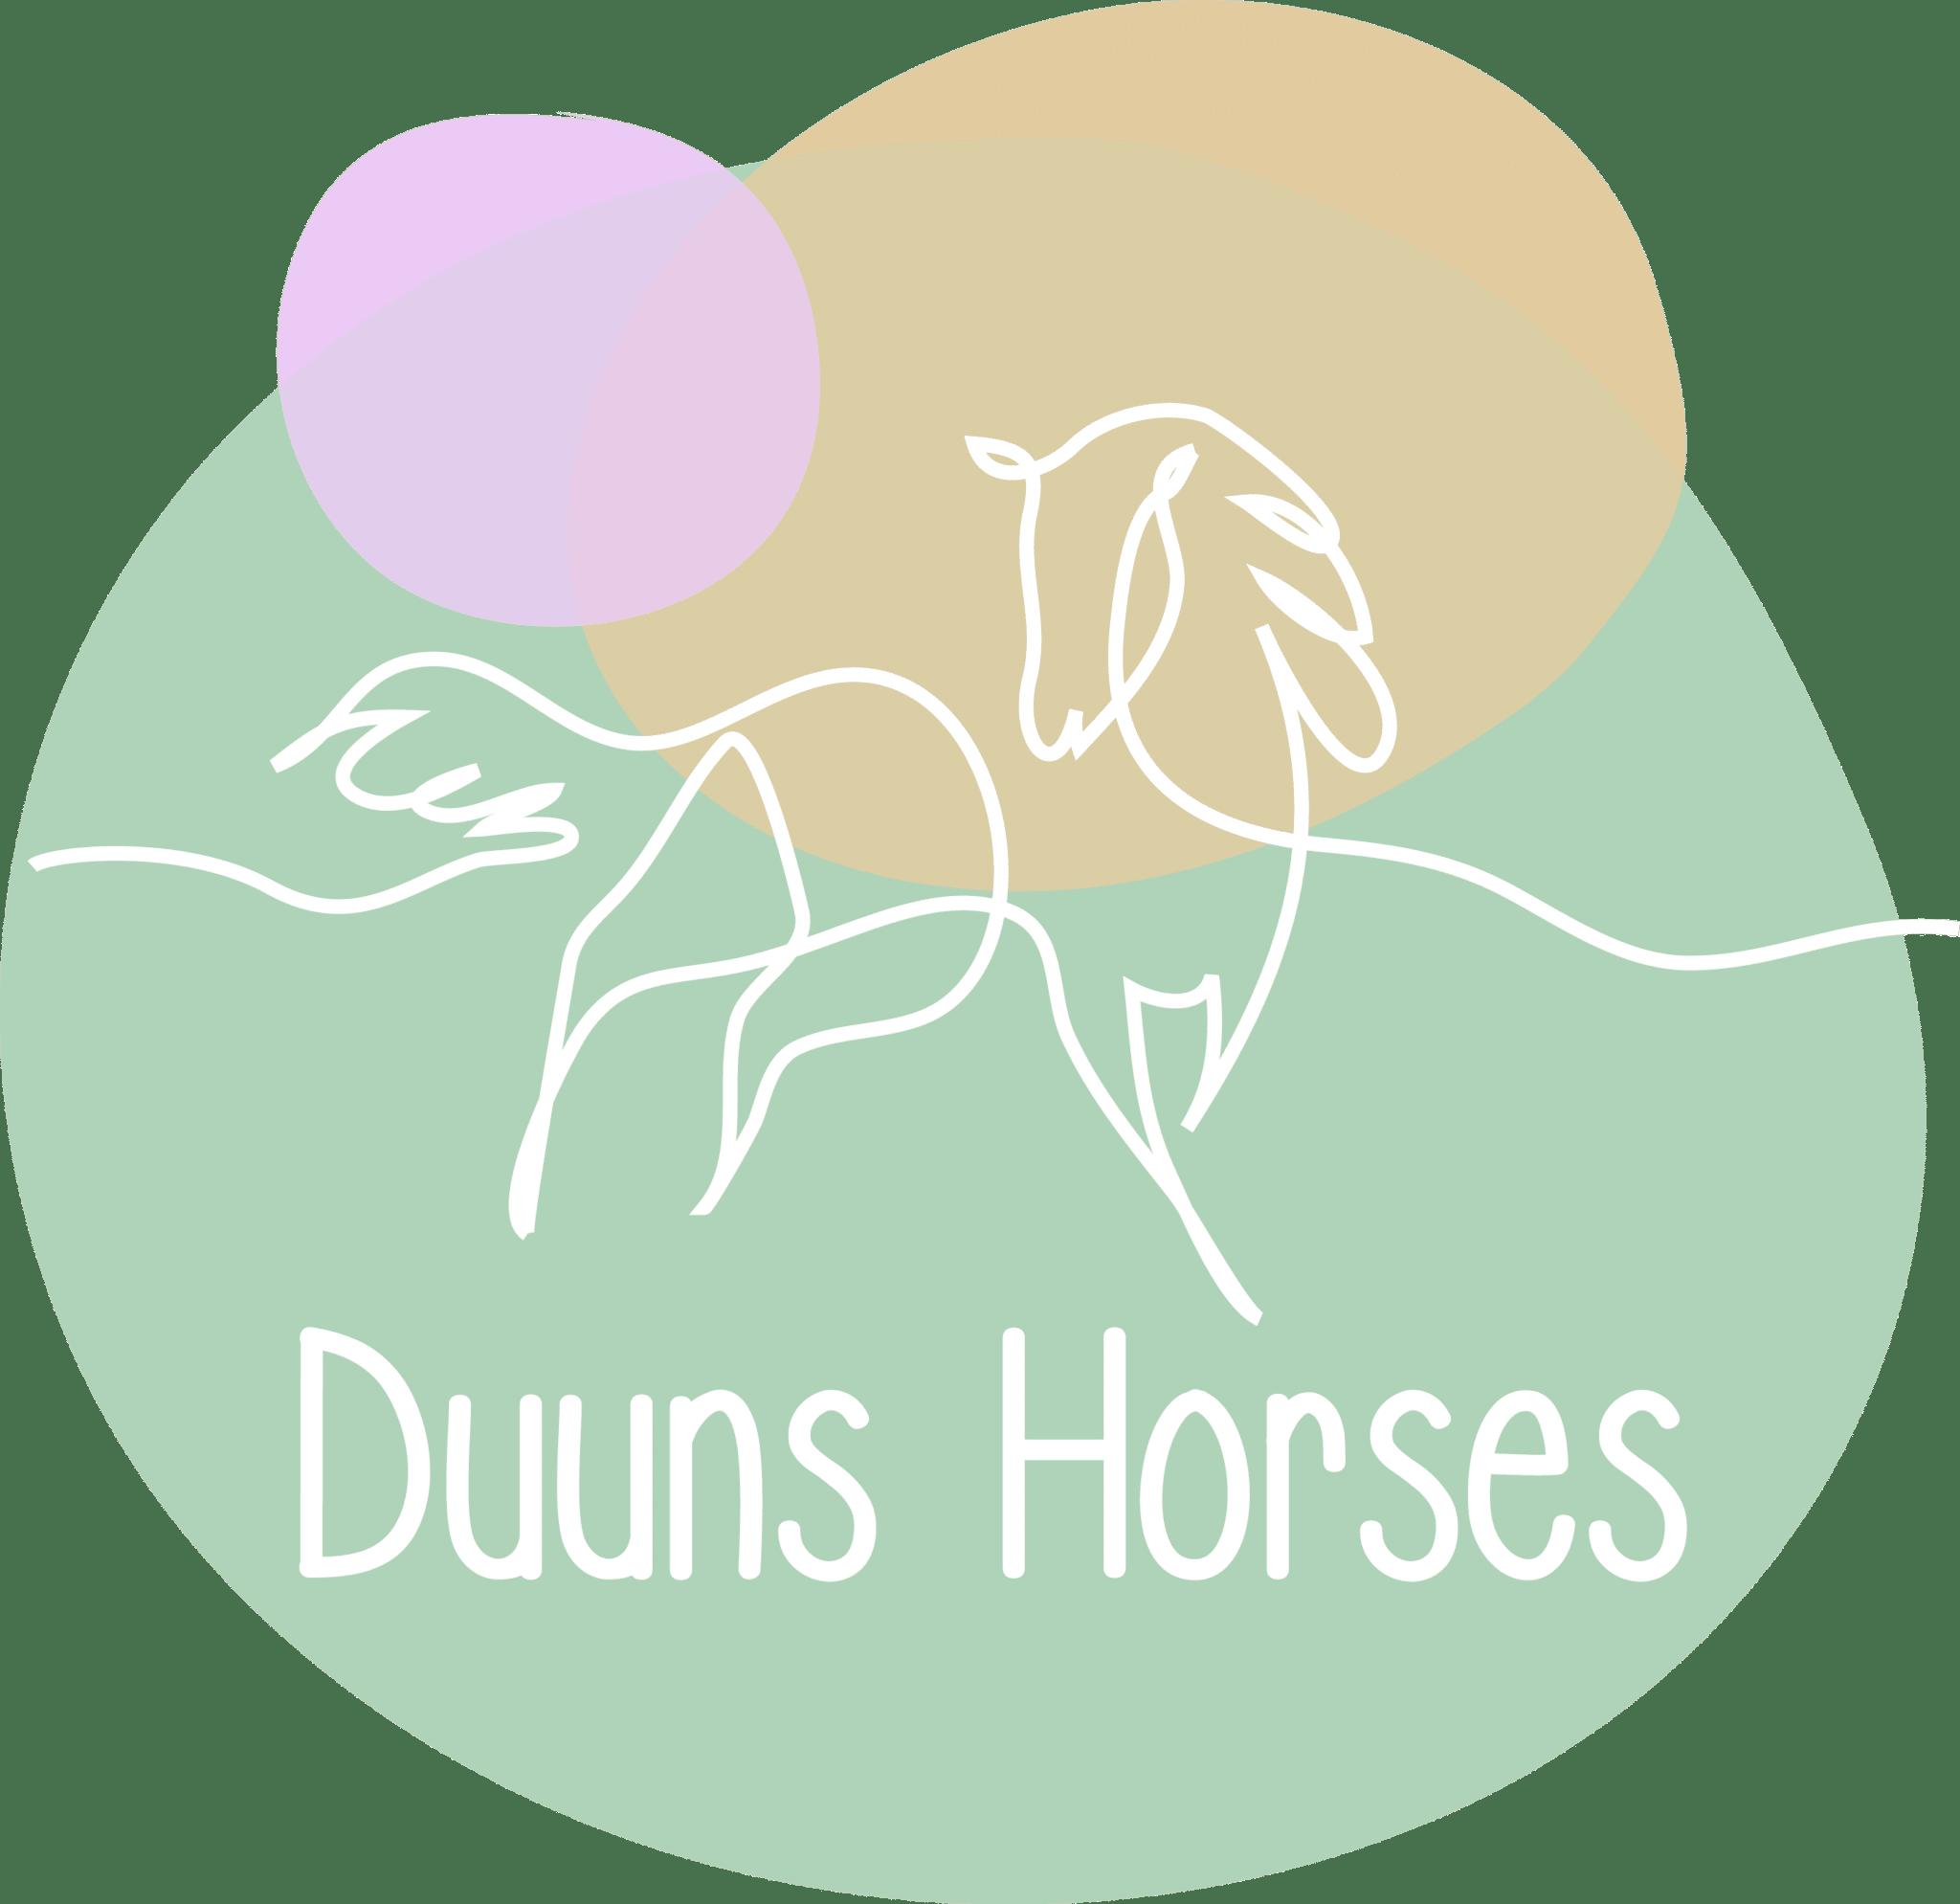 Duuns horses